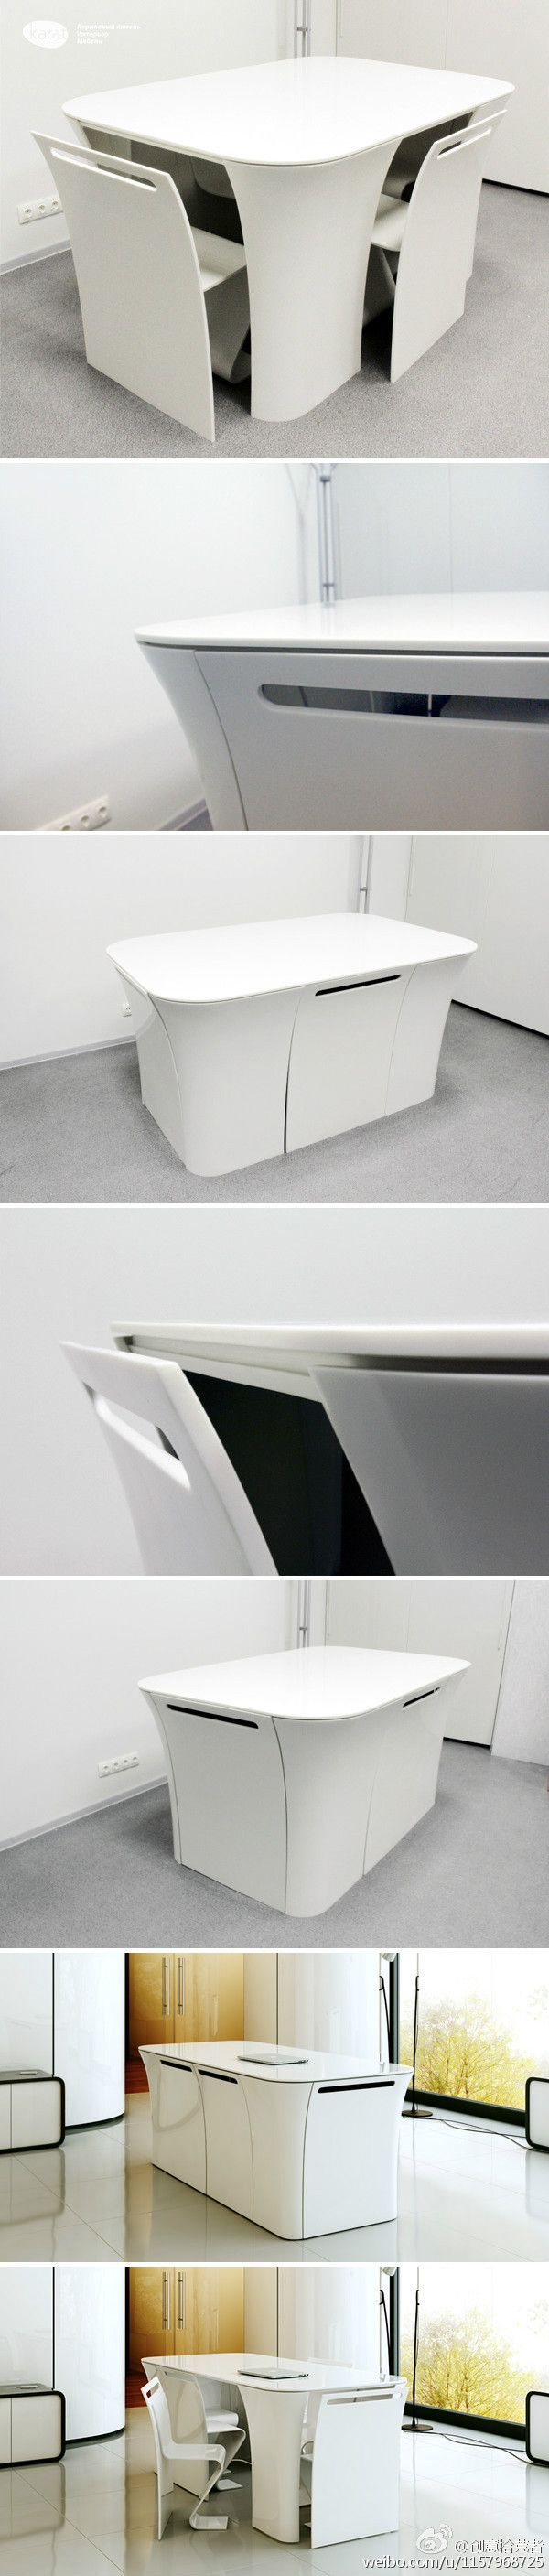 2&2餐桌,无缝拼合节省了座椅空间